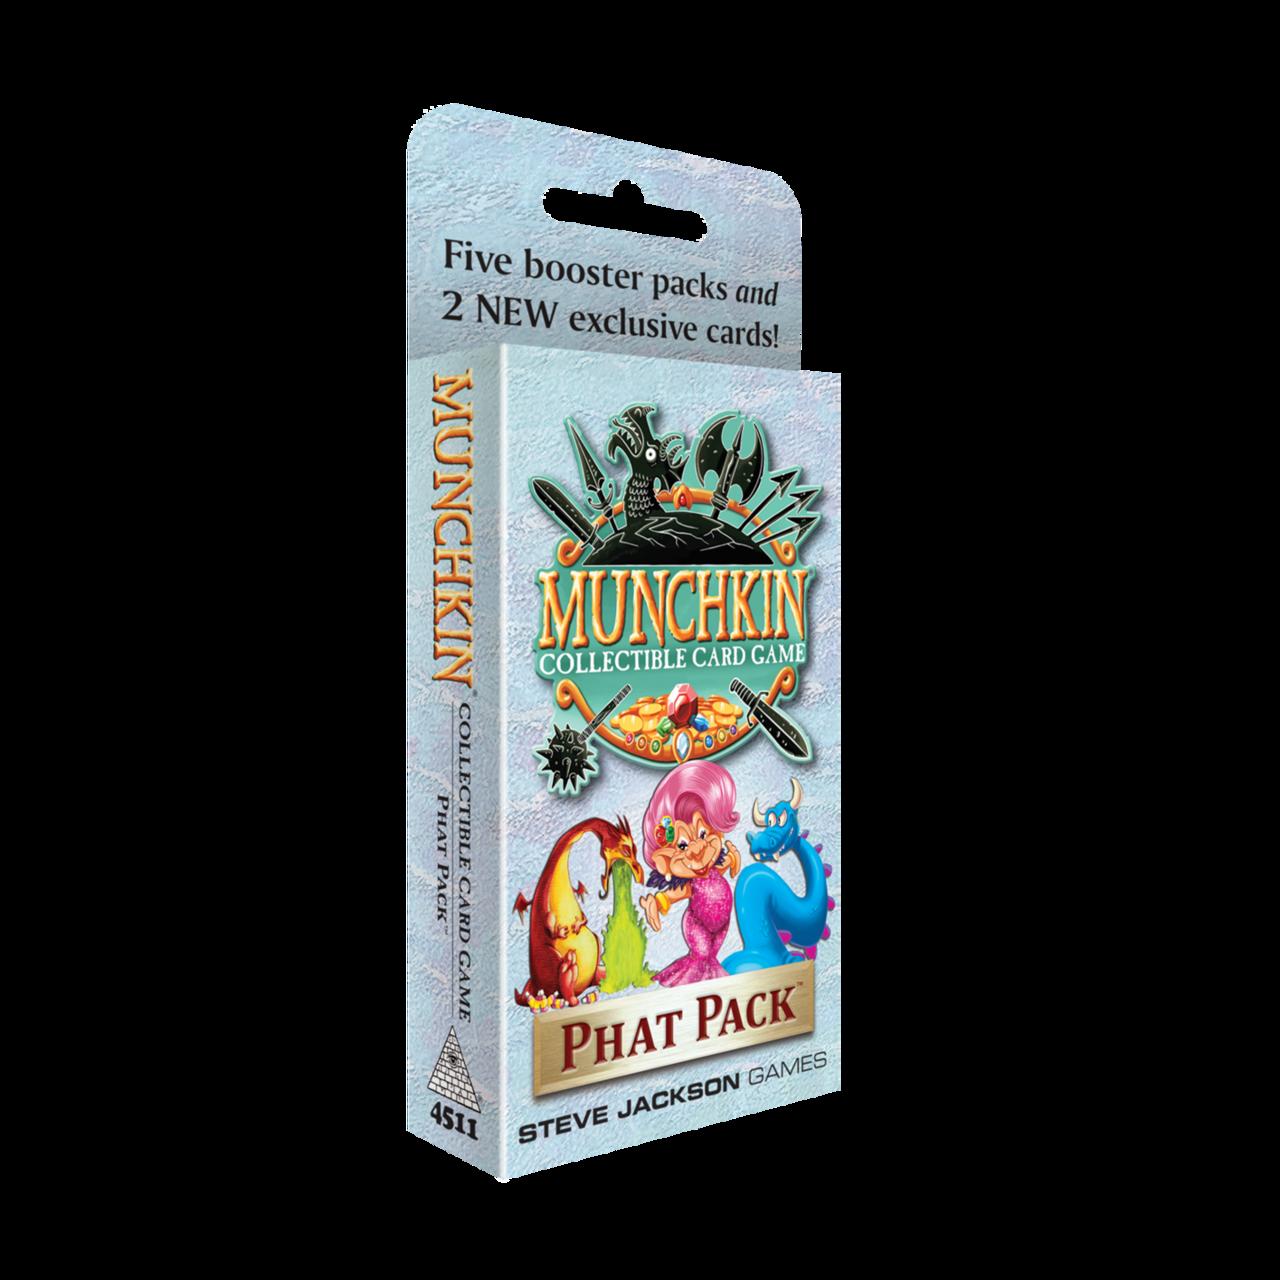 Afbeelding van het spel Munchkin Collectible Card Game: Phat Pack